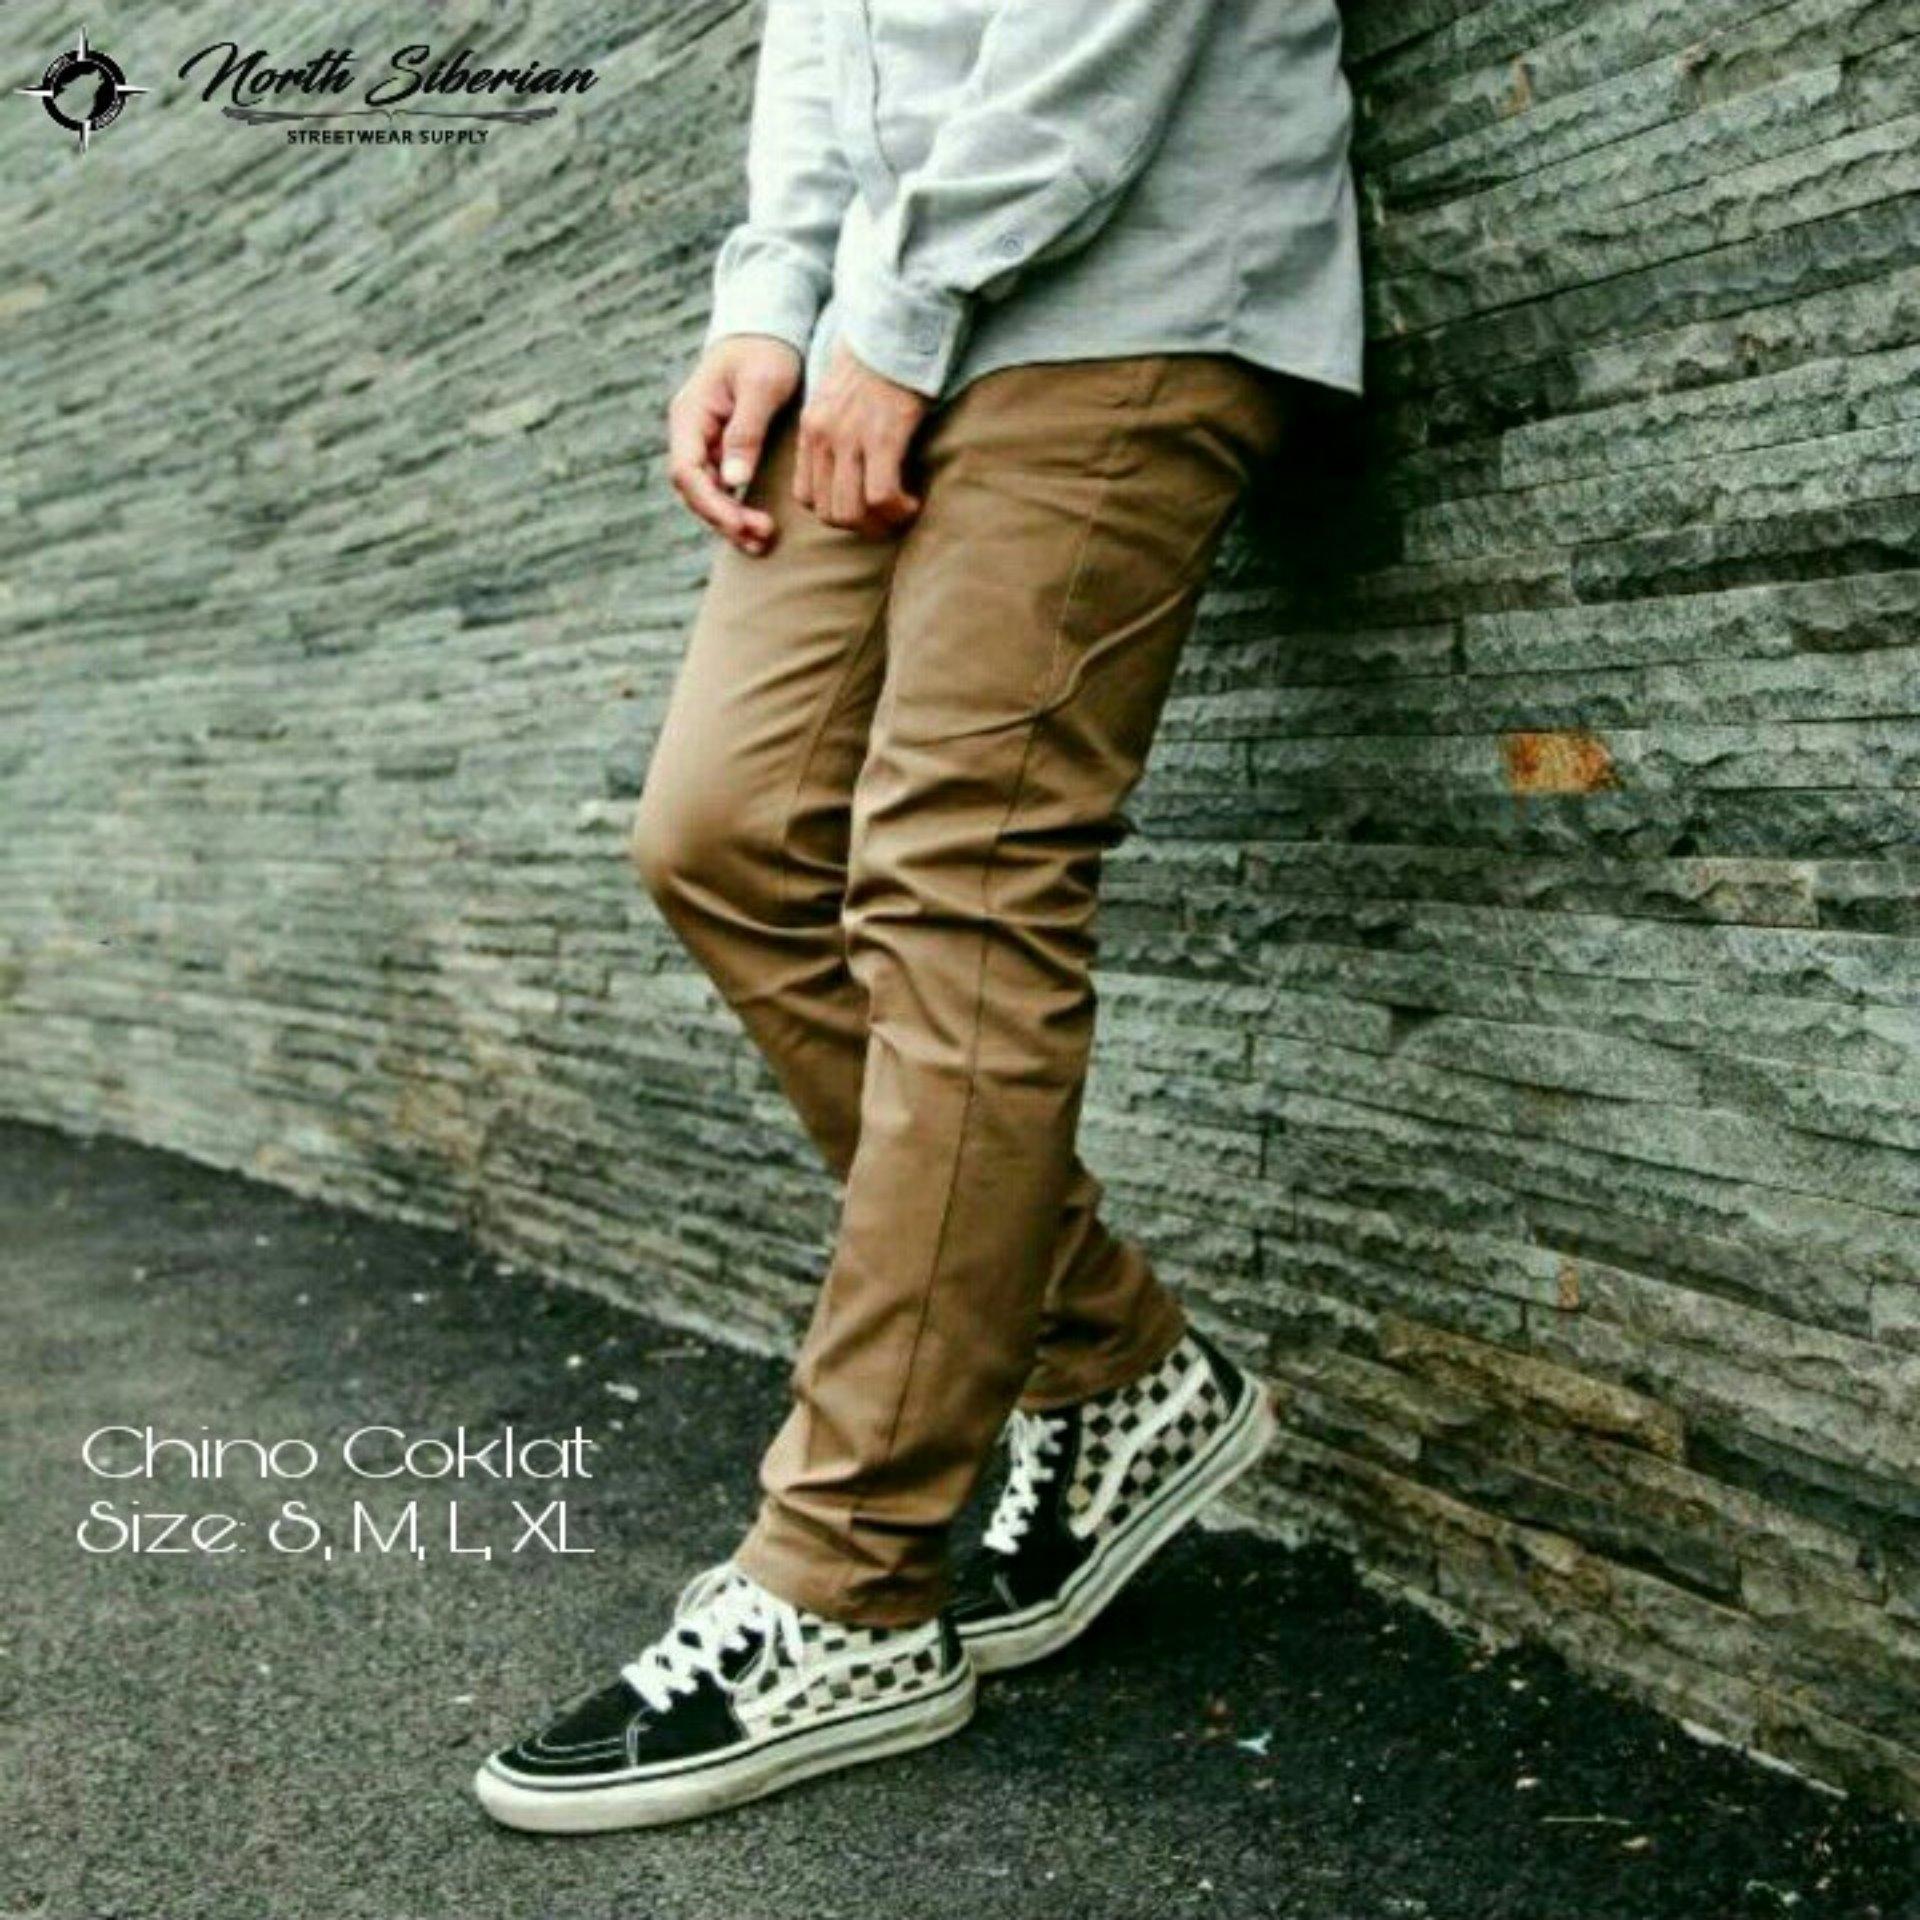 Harga Celana Chino Pria Coklat Terbaru Termurah Bulan November 2018 Tcash Juli Jeans Strech Panjang Model Slimfit Hitam Cino Premium Polos Muda Medium Brown